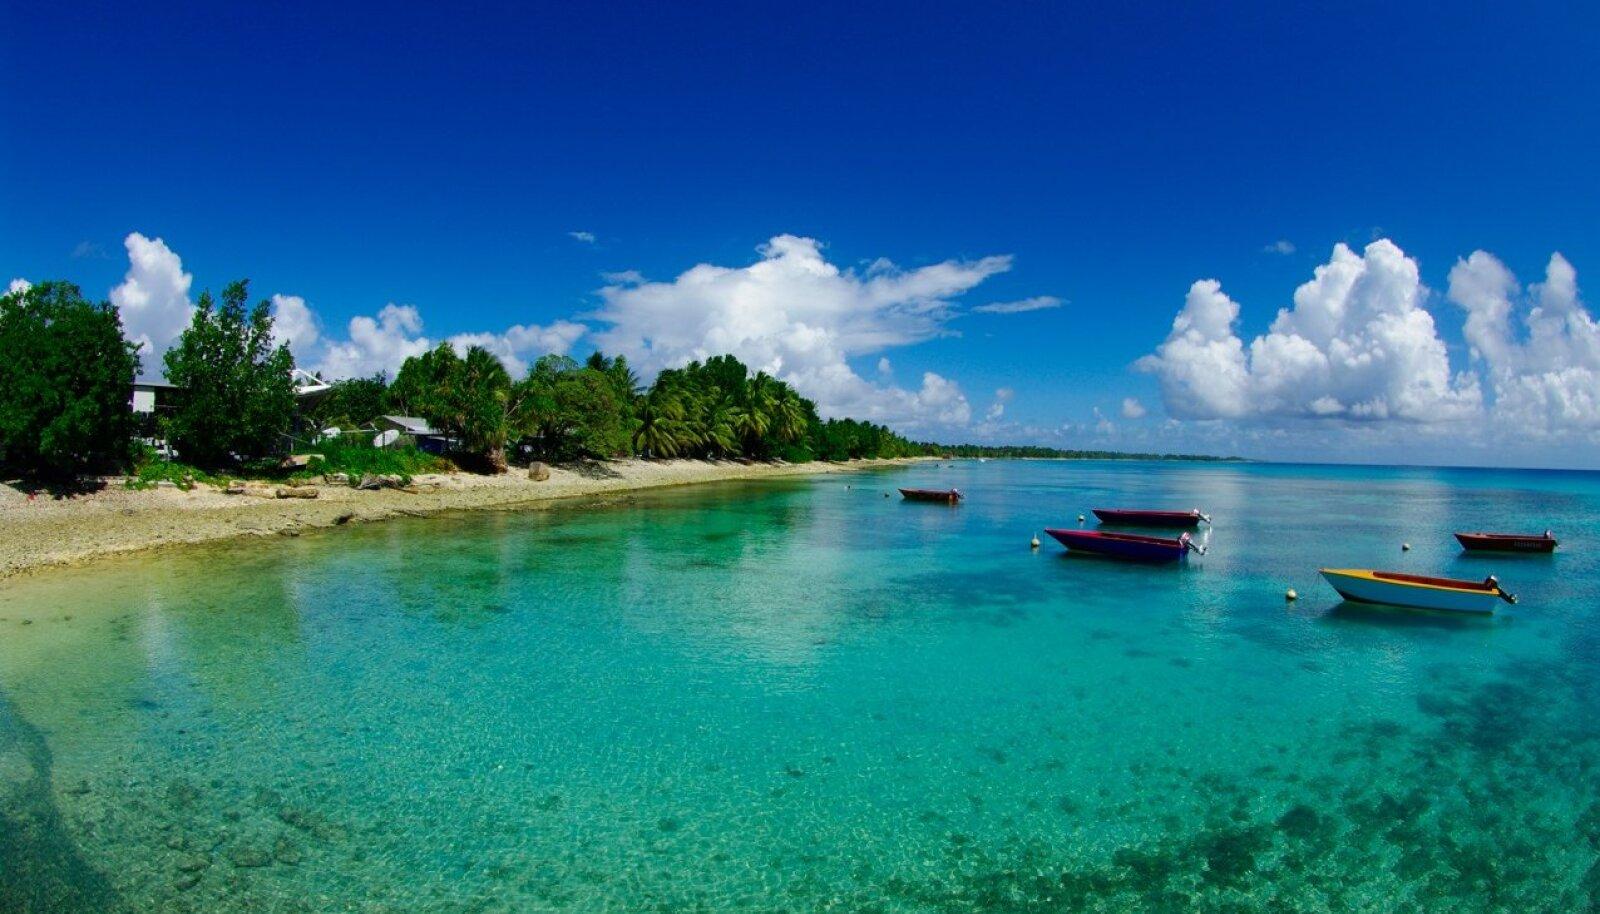 Tuvalu pon üks väiksemaid riike maailmas.